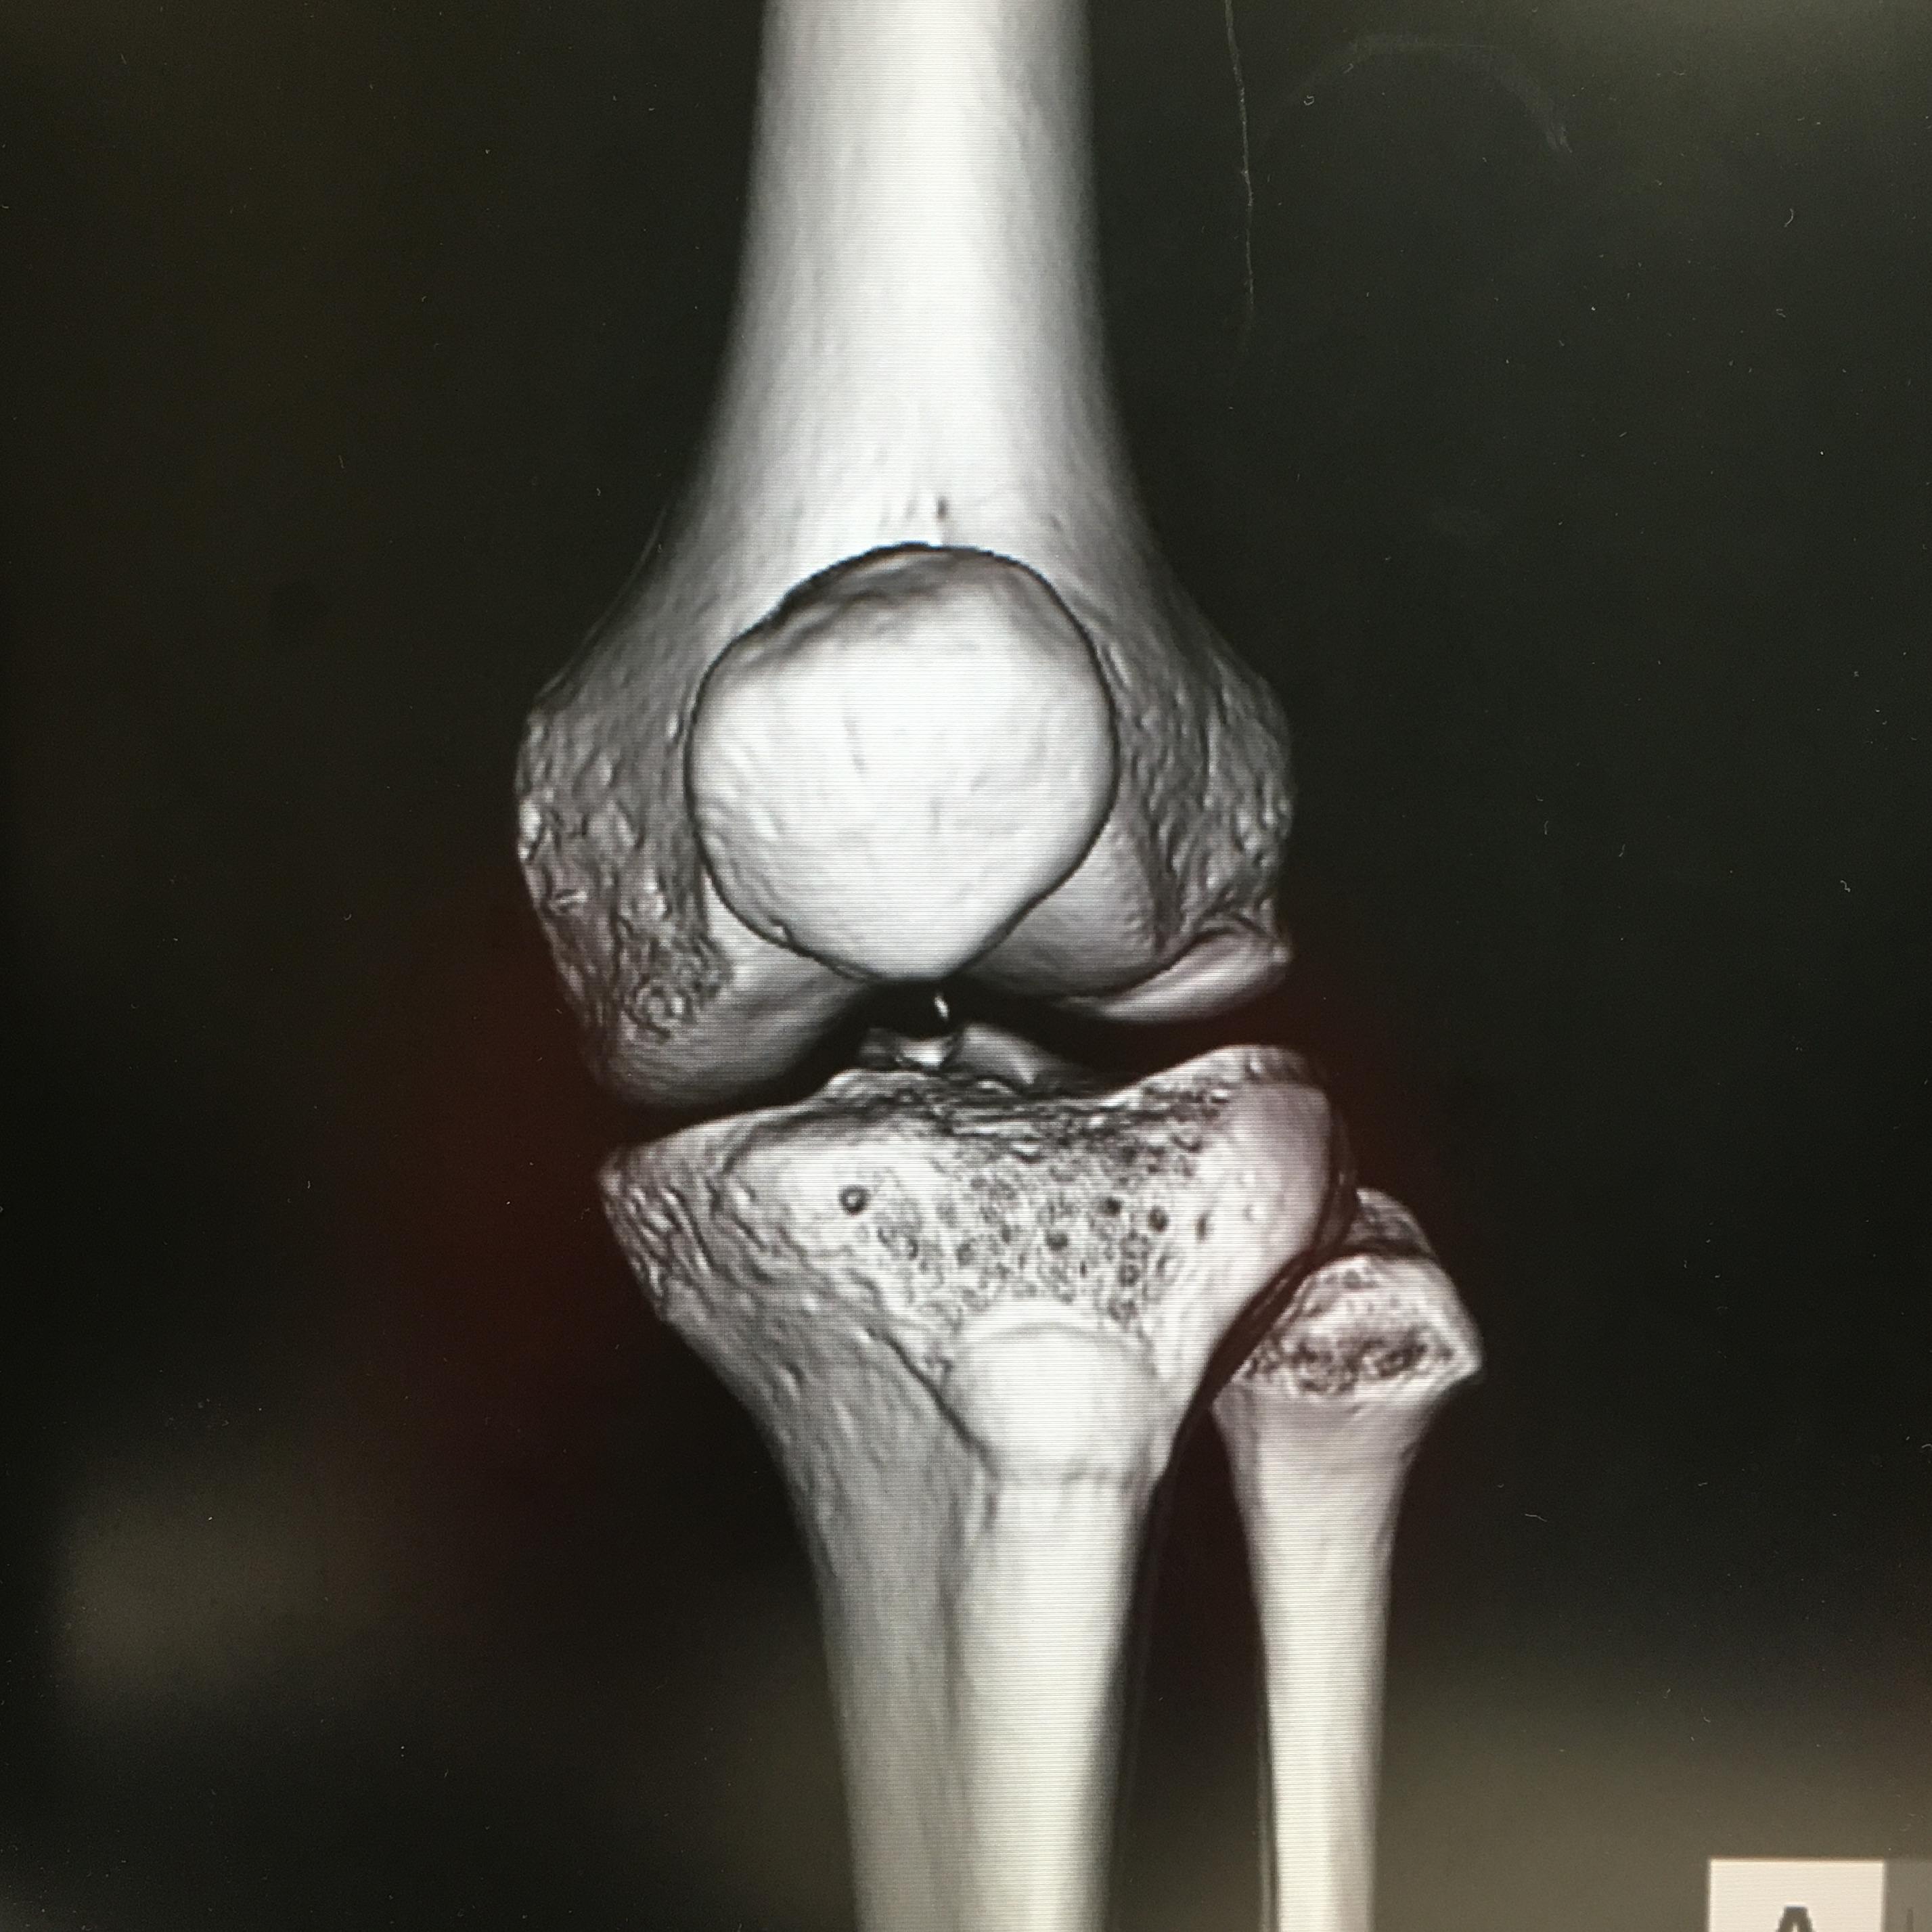 正常な膝蓋骨の位置